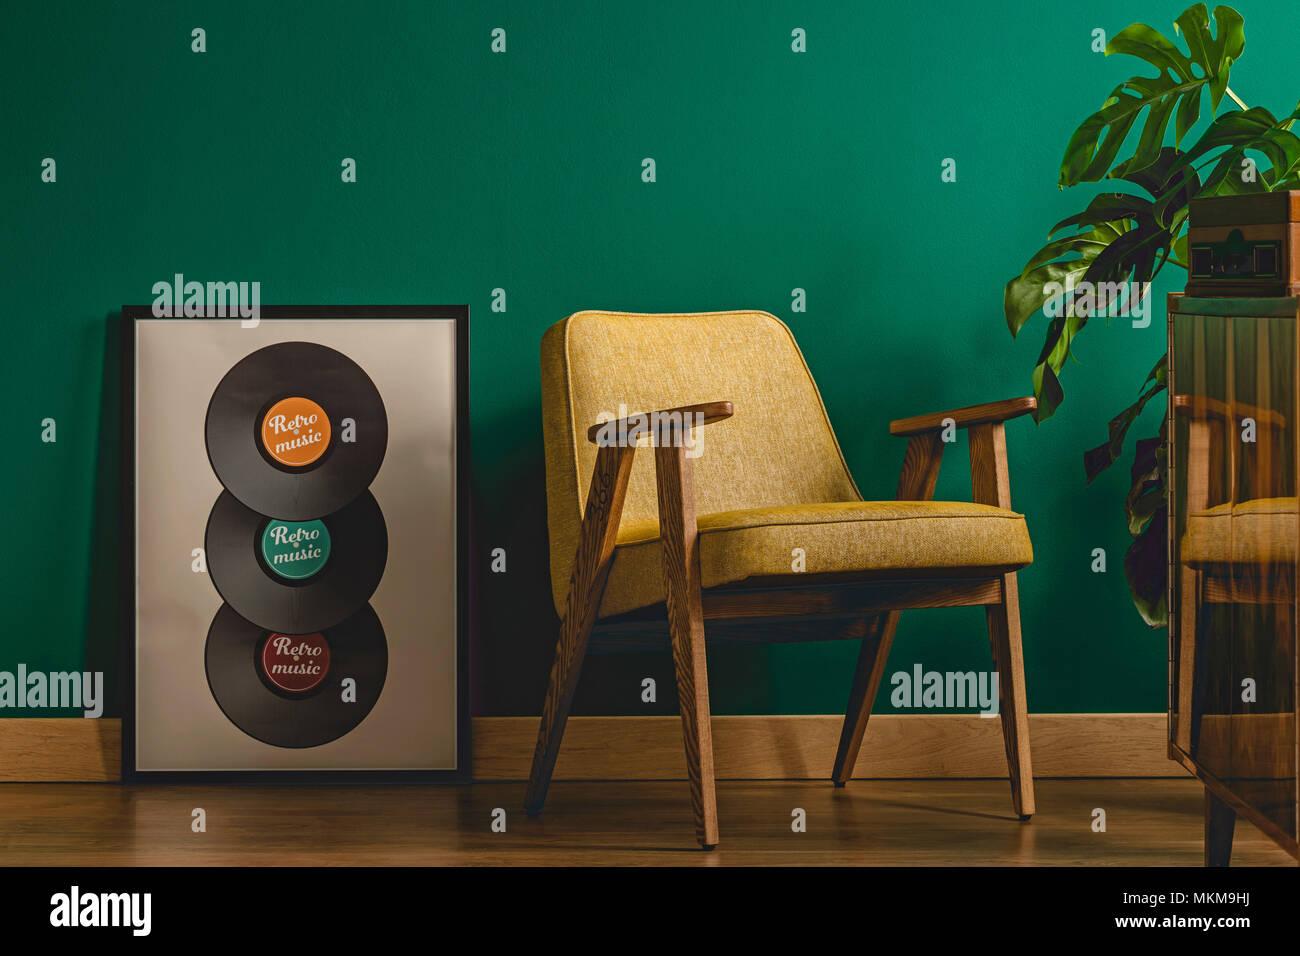 Wohnzimmer Einrichtung Mit Musik Poster Neben Einem Gelben Sessel